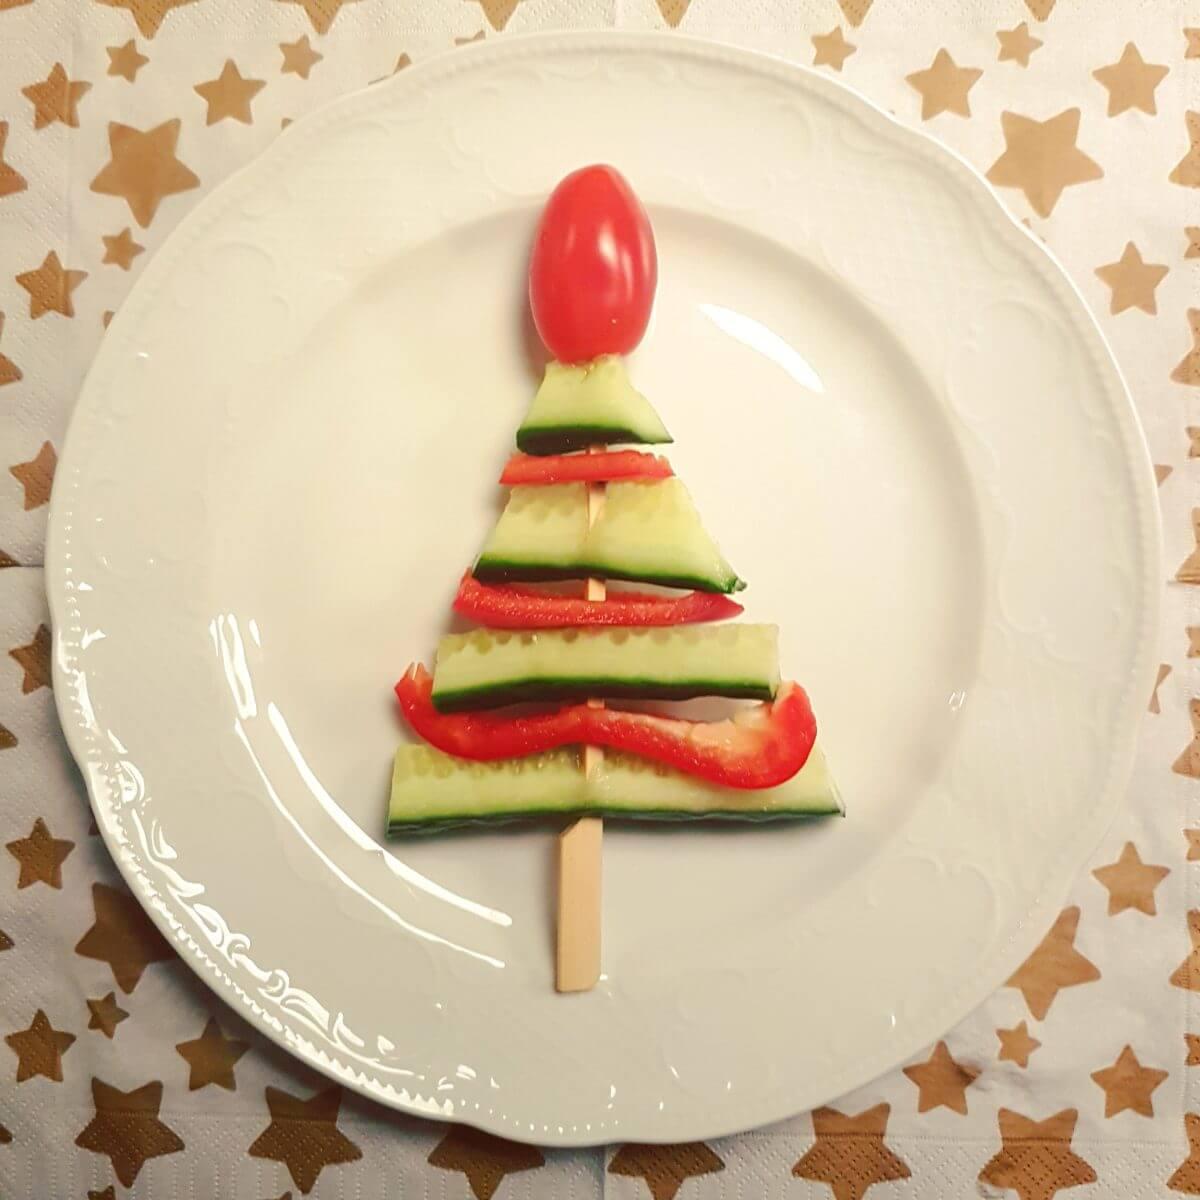 De leukste kindvriendelijke recepten voor kerstdiner en kerstontbijt - op school en thuis - groentenprikker in de vorm van een kerstboom